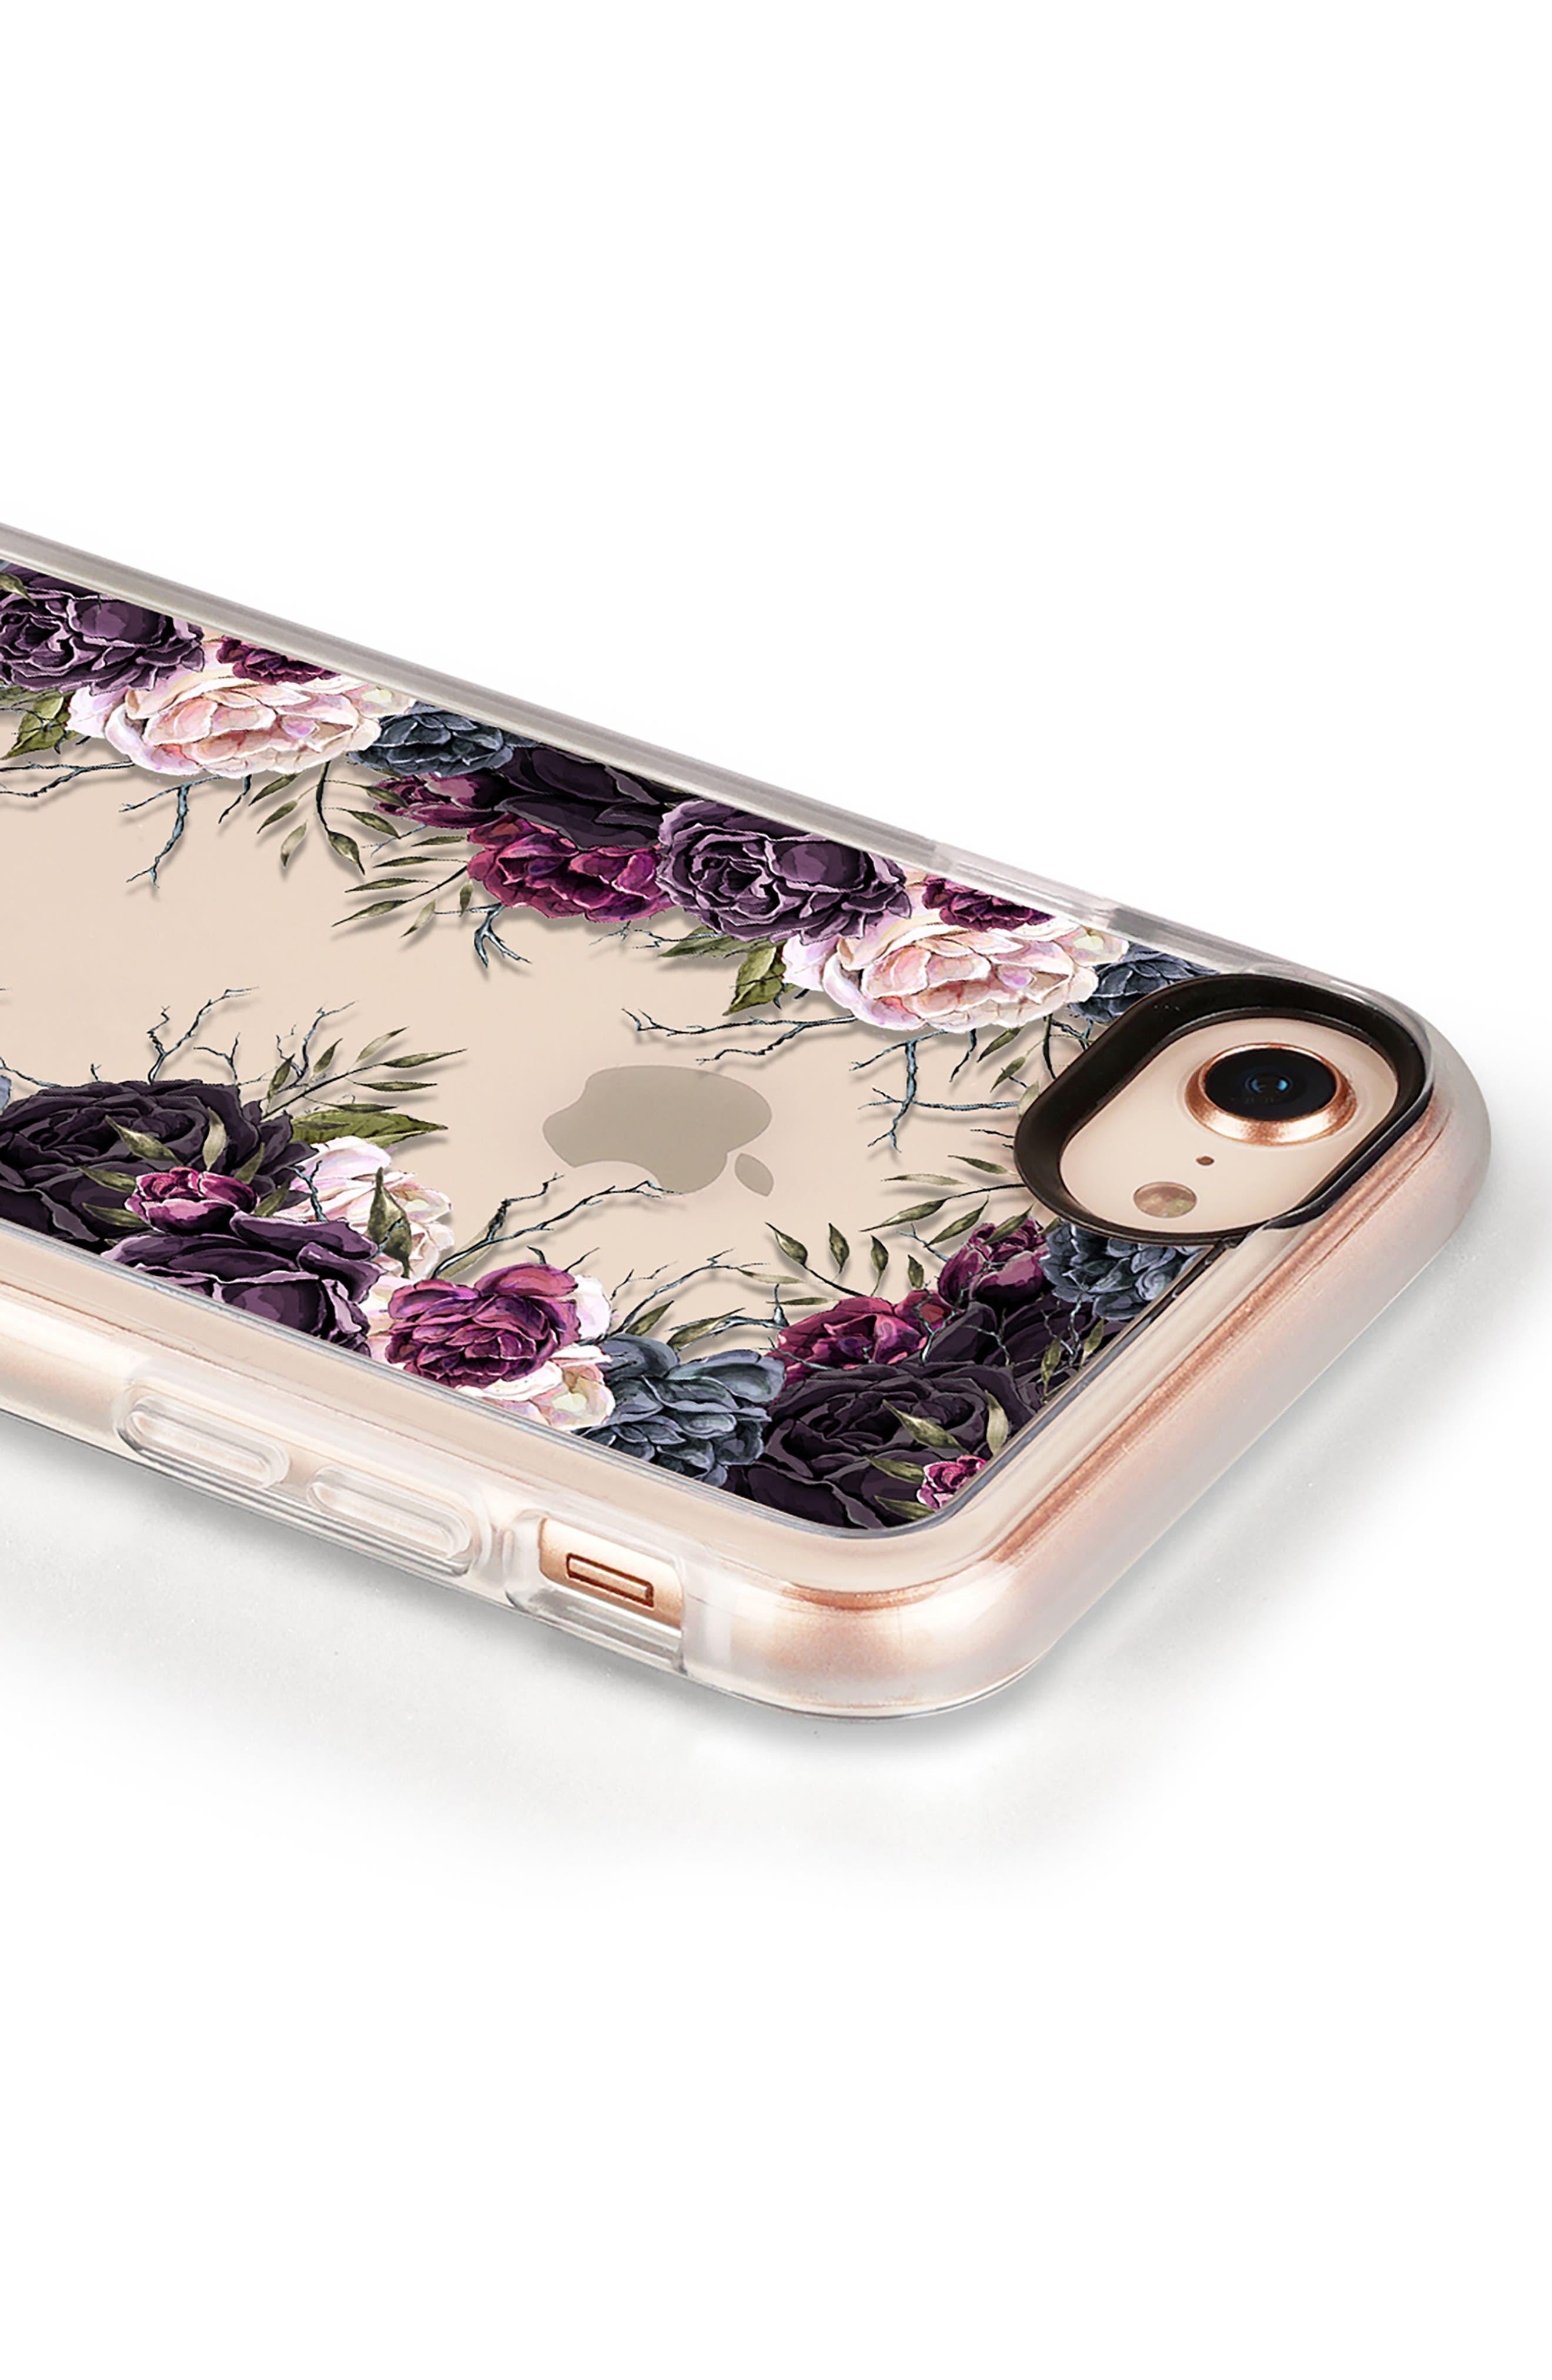 My Secret Garden Transparent iPhone 7/8 & 7/8 Plus Case,                             Alternate thumbnail 4, color,                             PURPLE